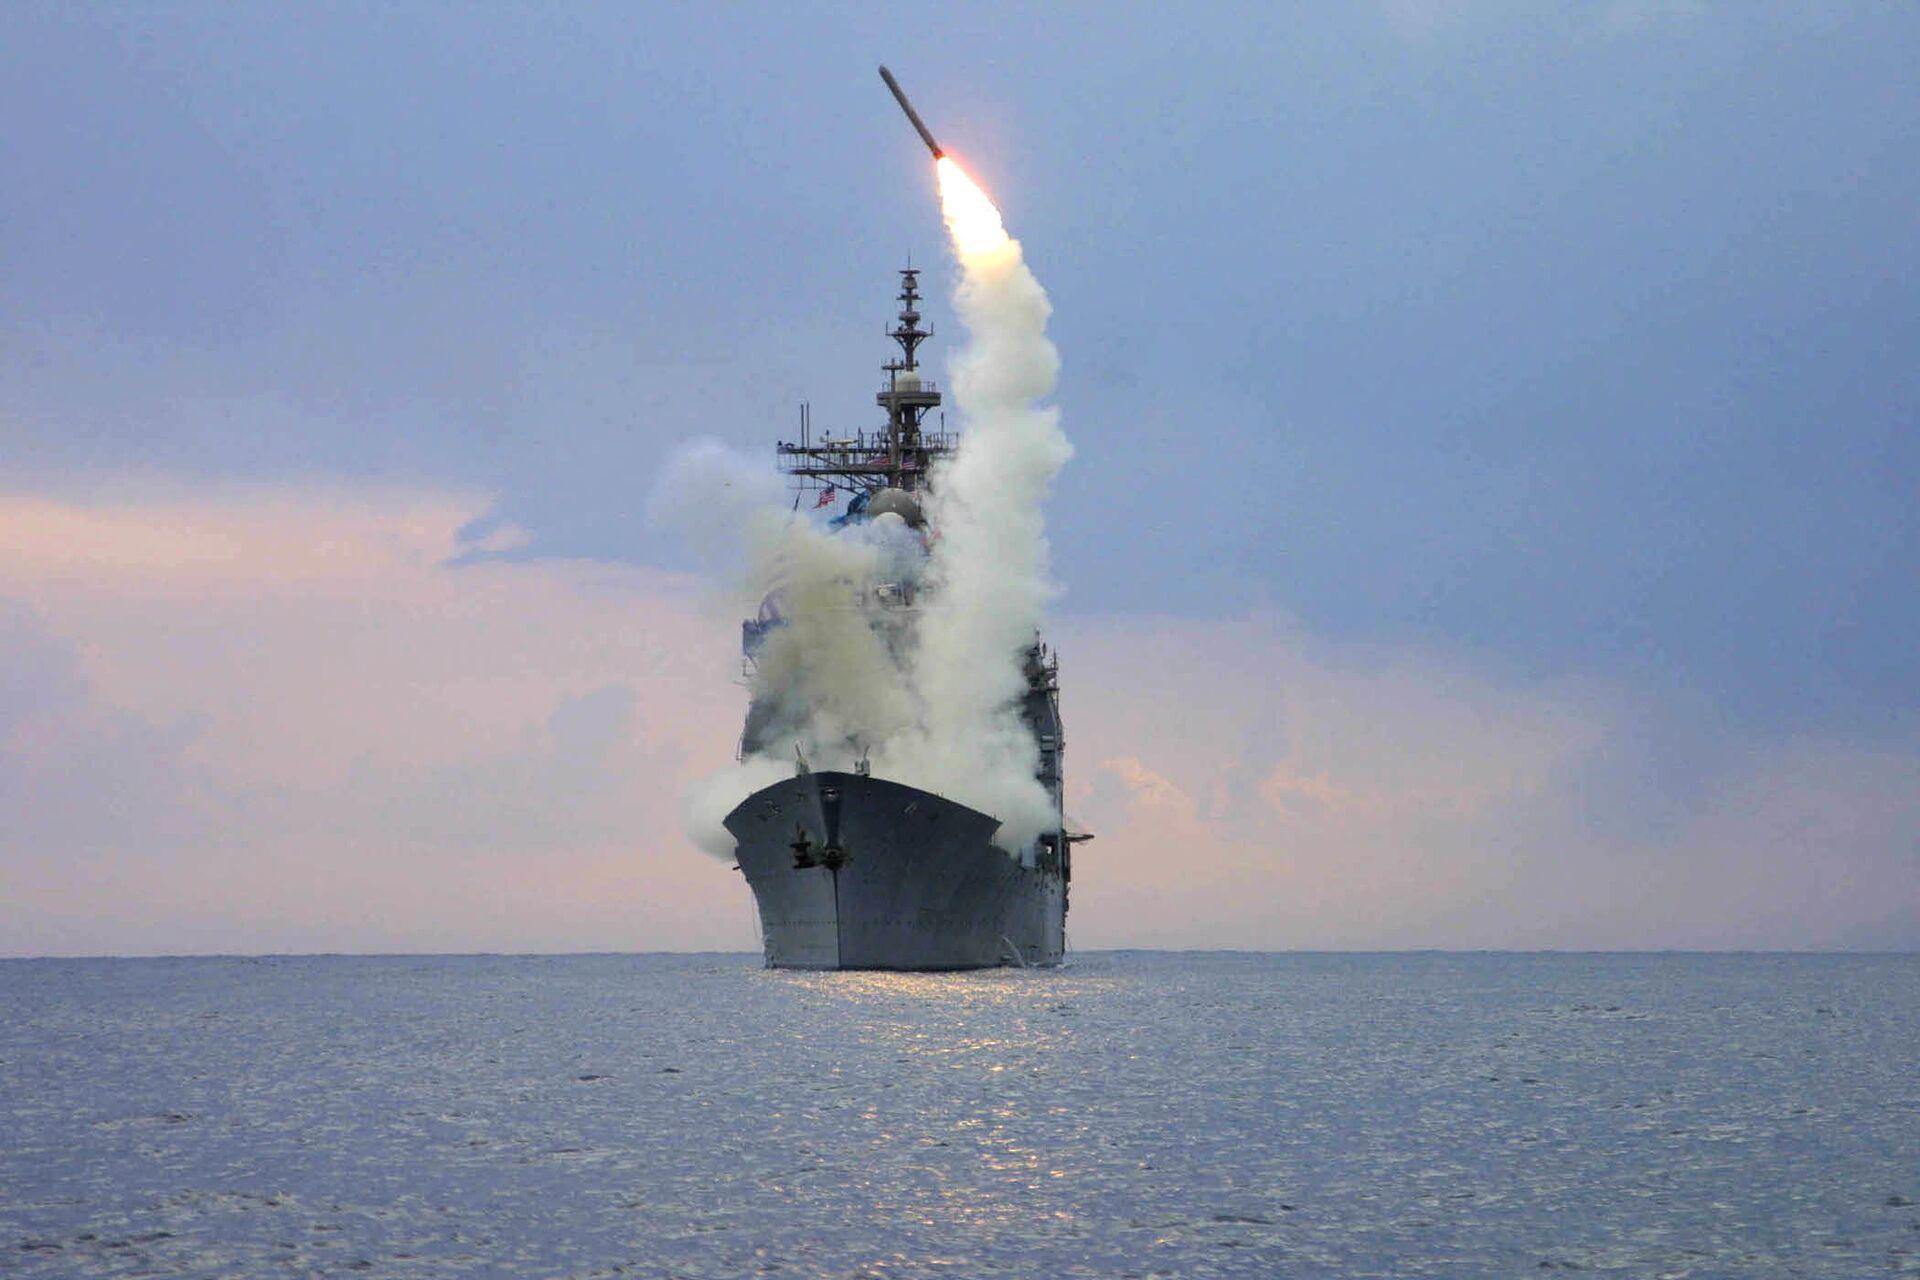 Запуск крылатой ракеты Томагавк с американского военного корабля USS Cape St. George - РИА Новости, 1920, 25.12.2020